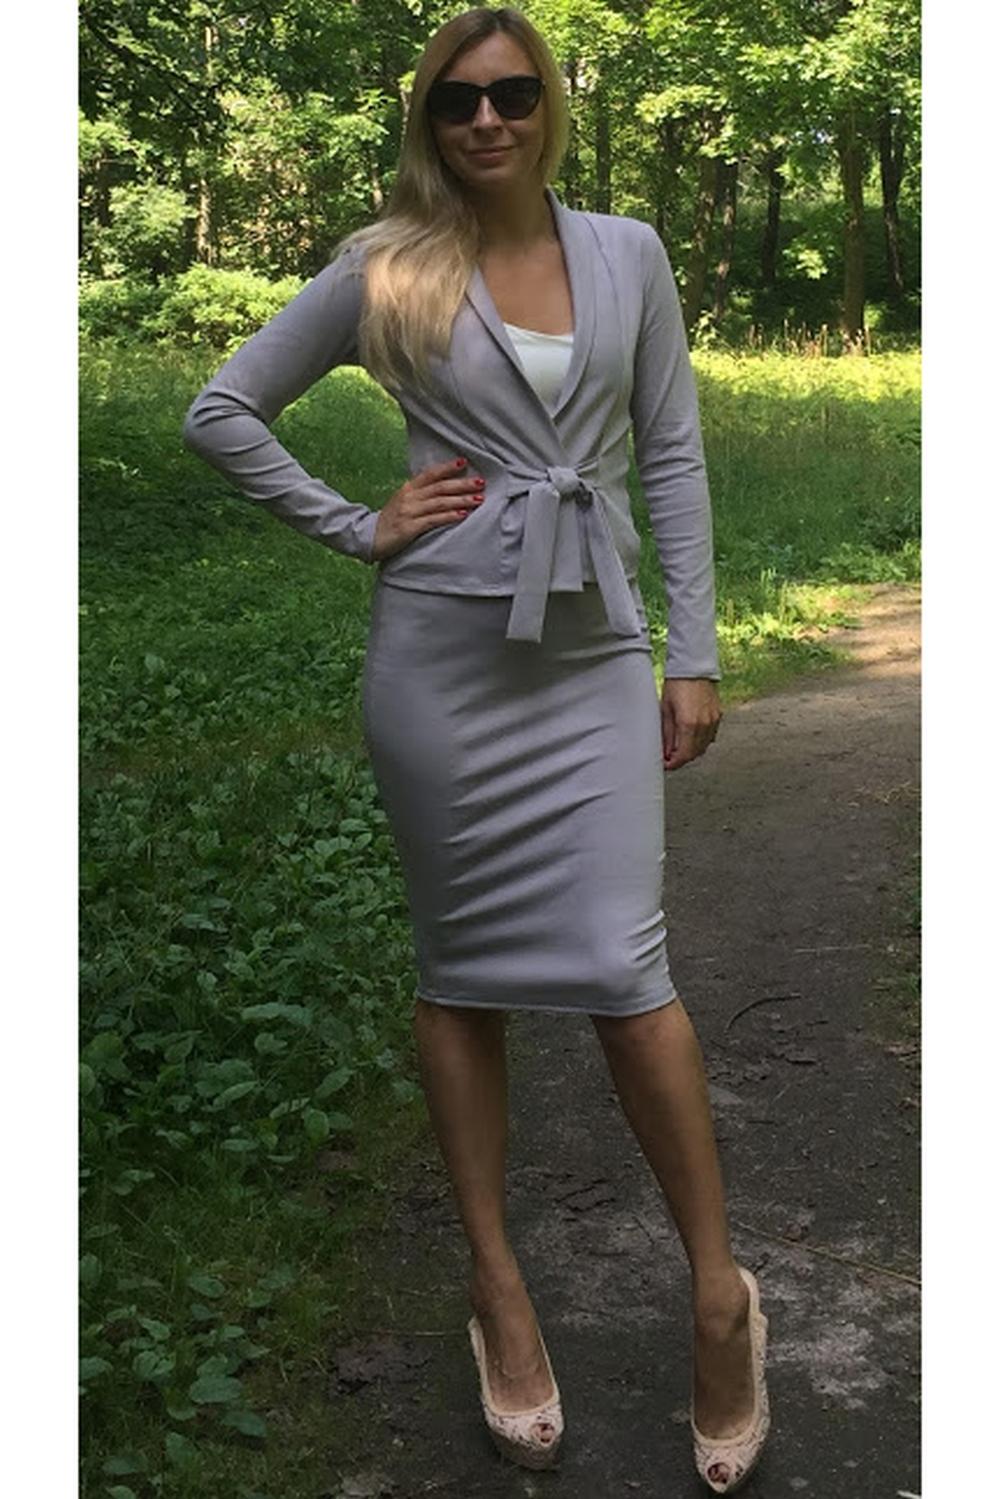 ЮбкаЮбки<br>Элегантная юбка-карандаш на каждый день из плотного джерси, пояс с резинкой. Модель выглядит эффектно и позволяет создавать интересные образы, в зависимости от настроения, а также вытягивает силуэт и стройнит её обладательницу.  Длина юбки от 61 см до 64 см, в зависимости от размера изделия.  Цвет: серый  Рост девушки-фотомодели 175 см<br><br>По длине: До колена<br>По материалу: Трикотаж<br>По рисунку: Однотонные<br>По силуэту: Обтягивающие<br>По стилю: Классический стиль,Офисный стиль,Повседневный стиль<br>По форме: Юбка-карандаш<br>По сезону: Осень,Весна<br>Размер : 44<br>Материал: Трикотаж<br>Количество в наличии: 1